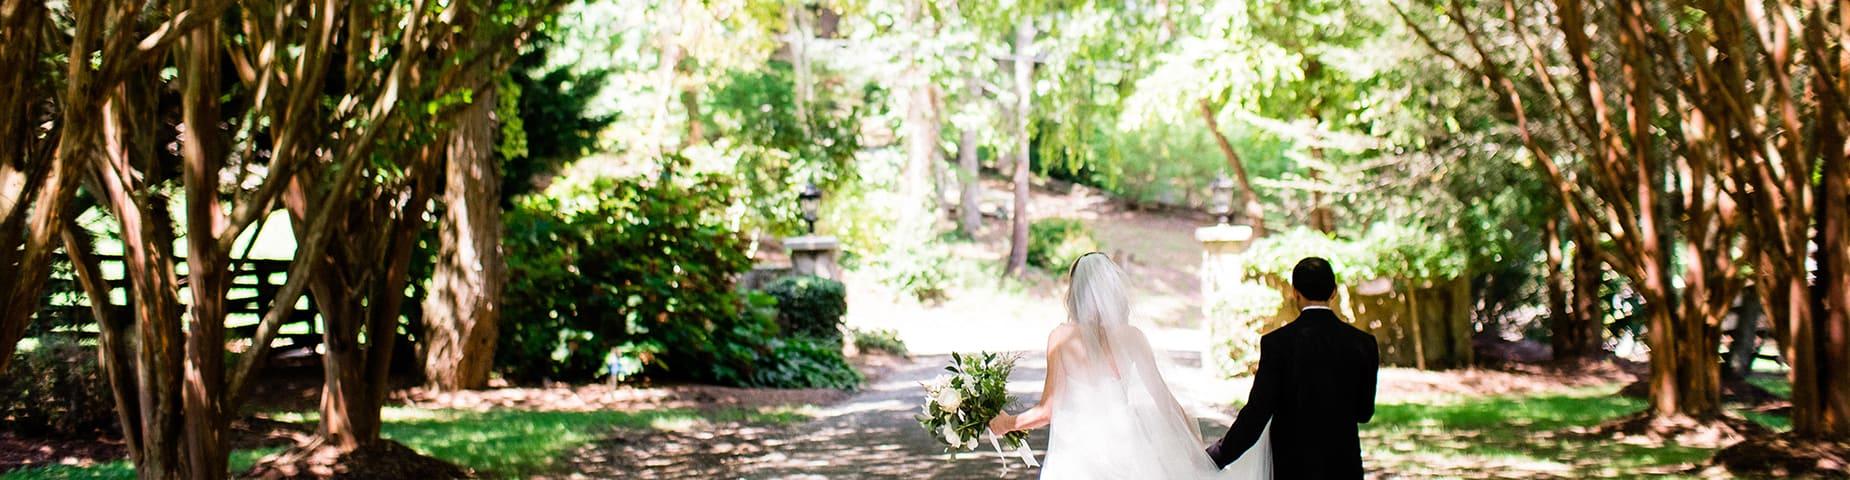 Wedding Rates - Hawkesdene